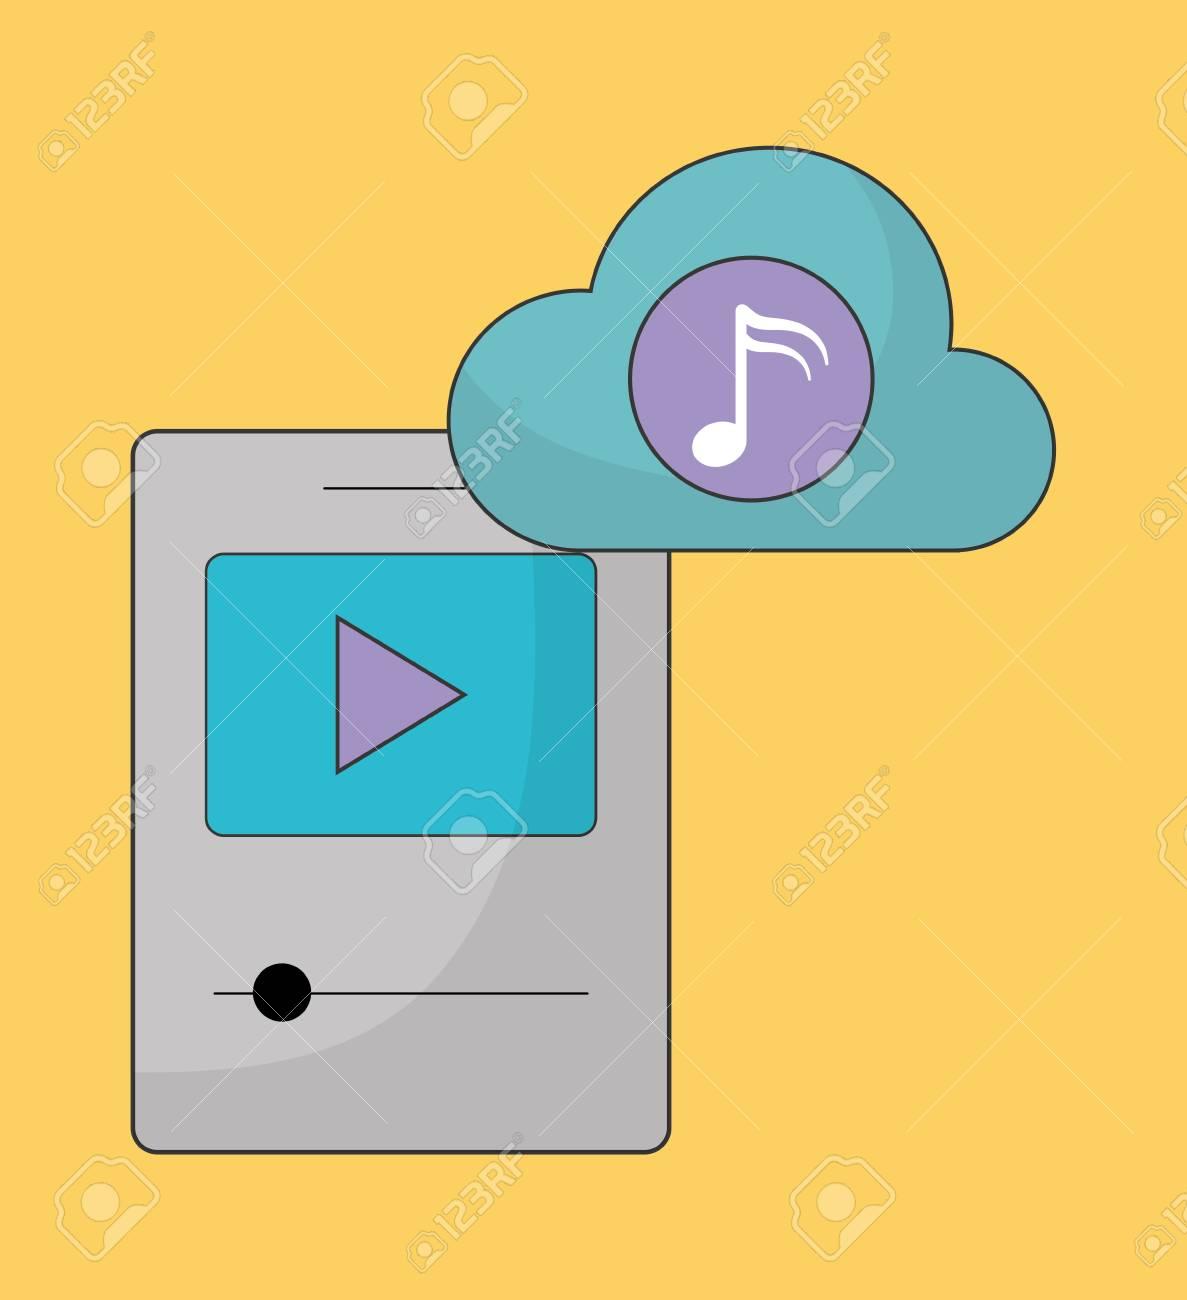 Música en línea representada por play, cloud, music note e ícono mp3   Ilustración colorida y plana